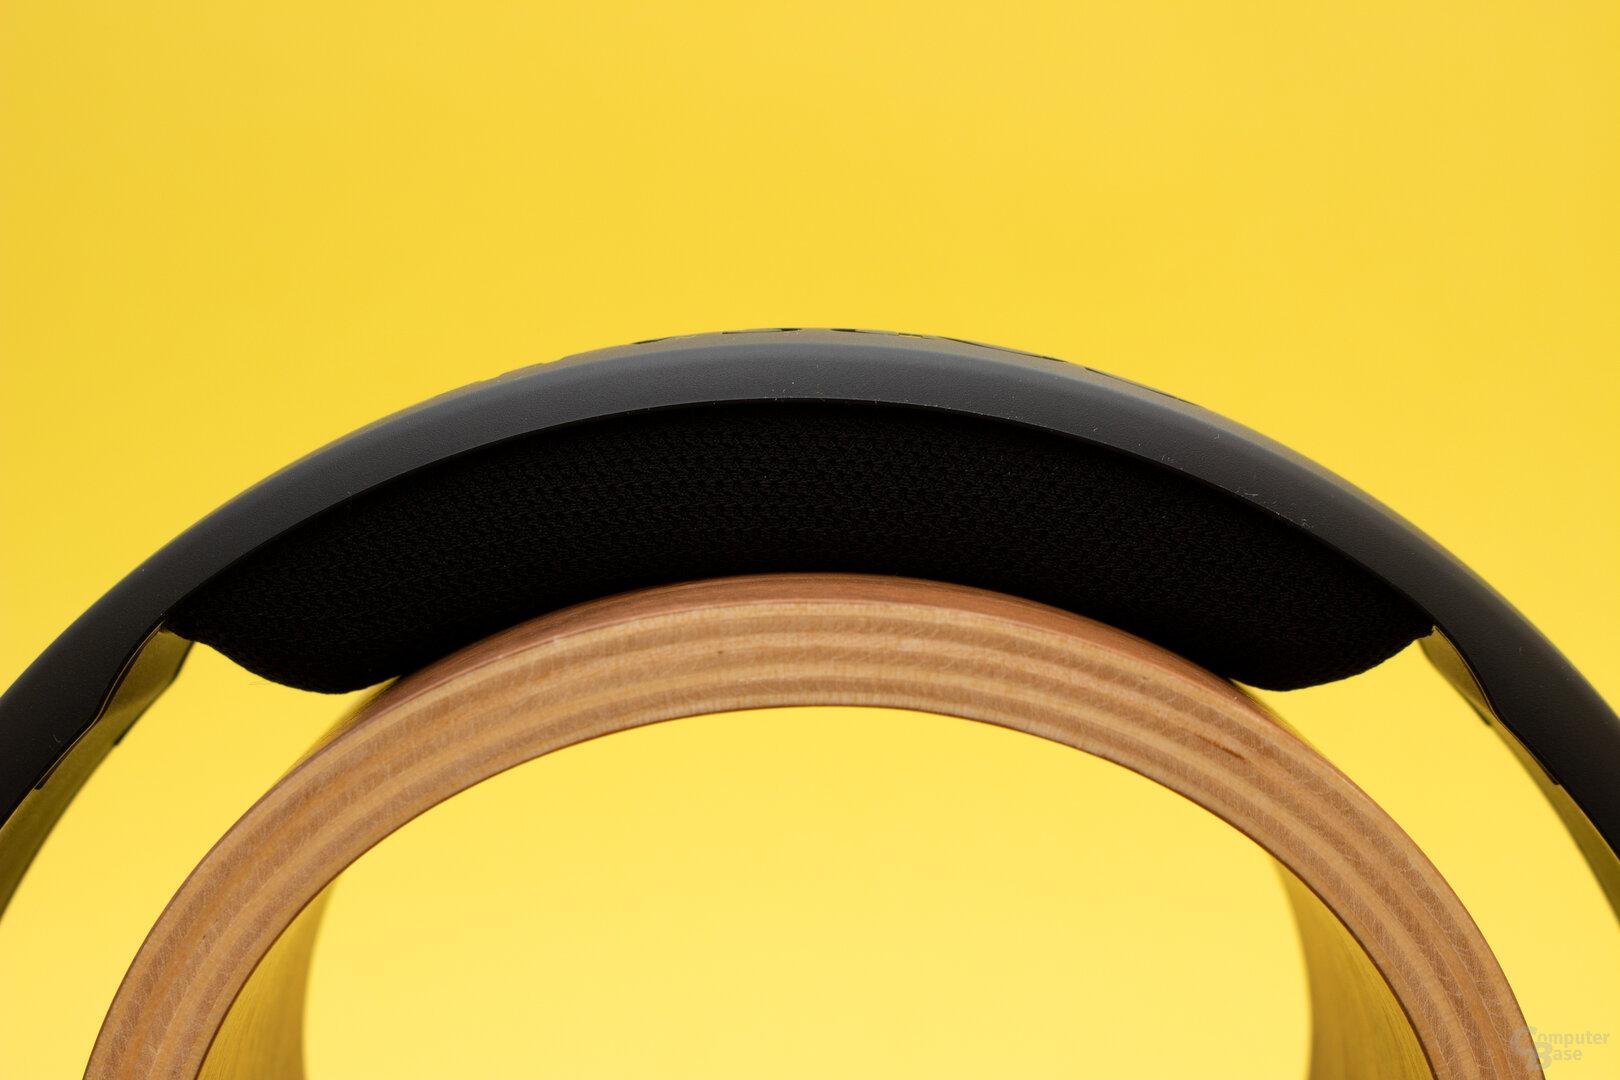 Der Schaumstoff unter dem Bügel sorgt für einen guten Sitzkomfort